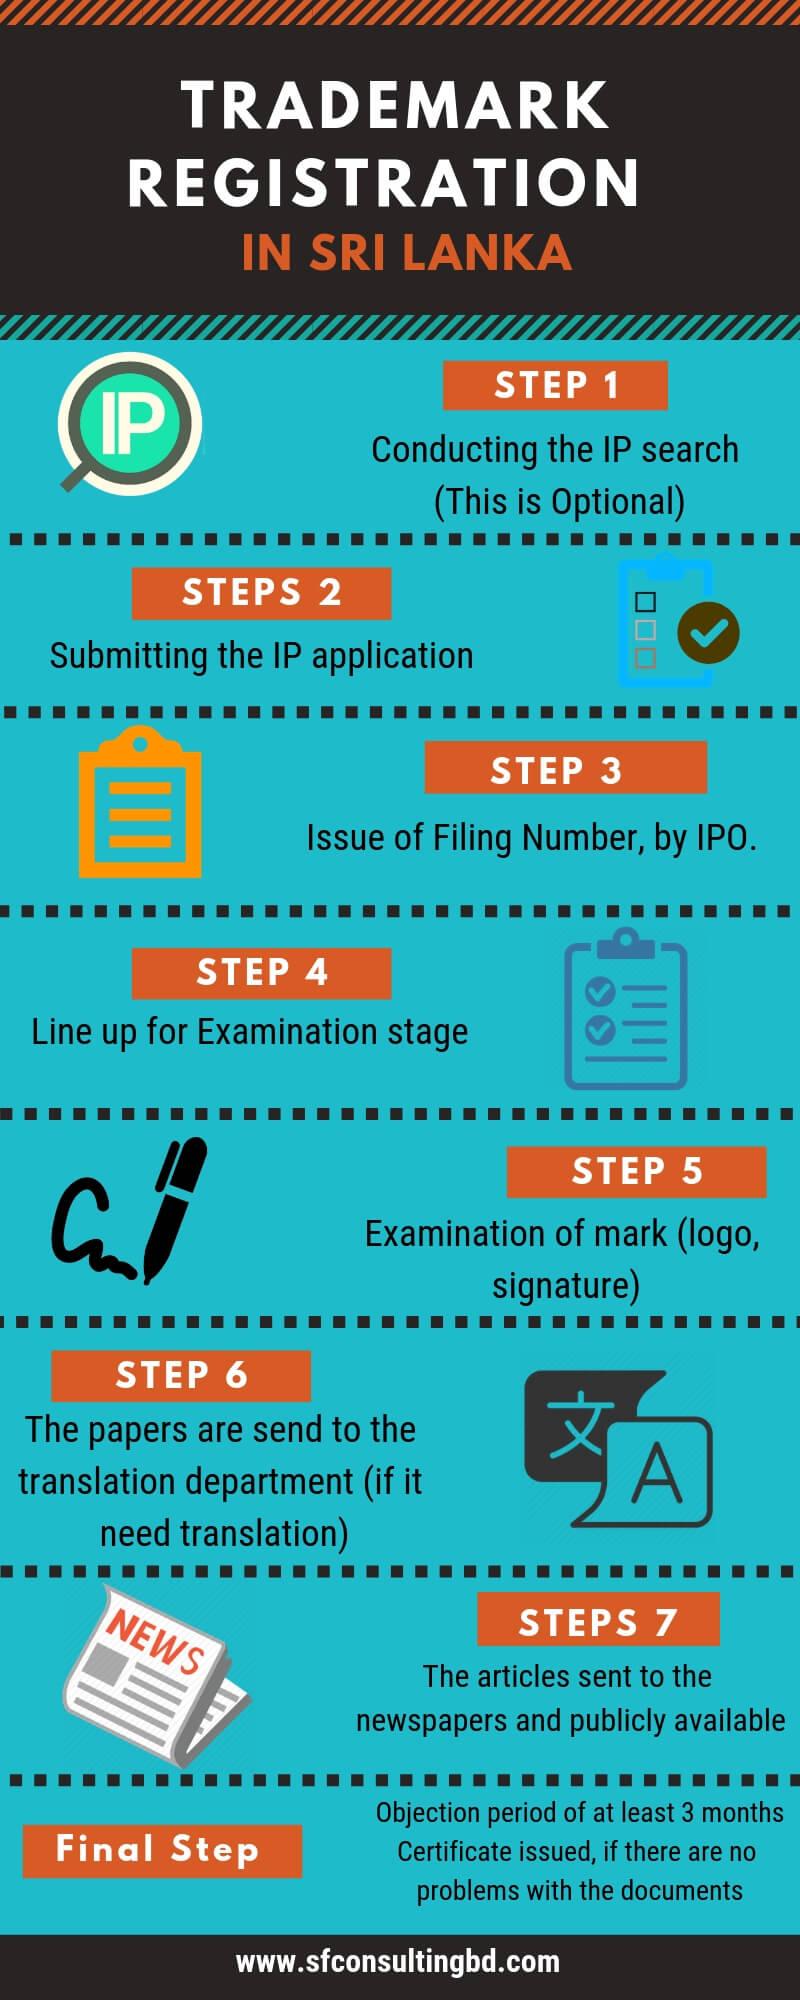 Trademark registration in Sri Lanka | Trademark Law in Sri